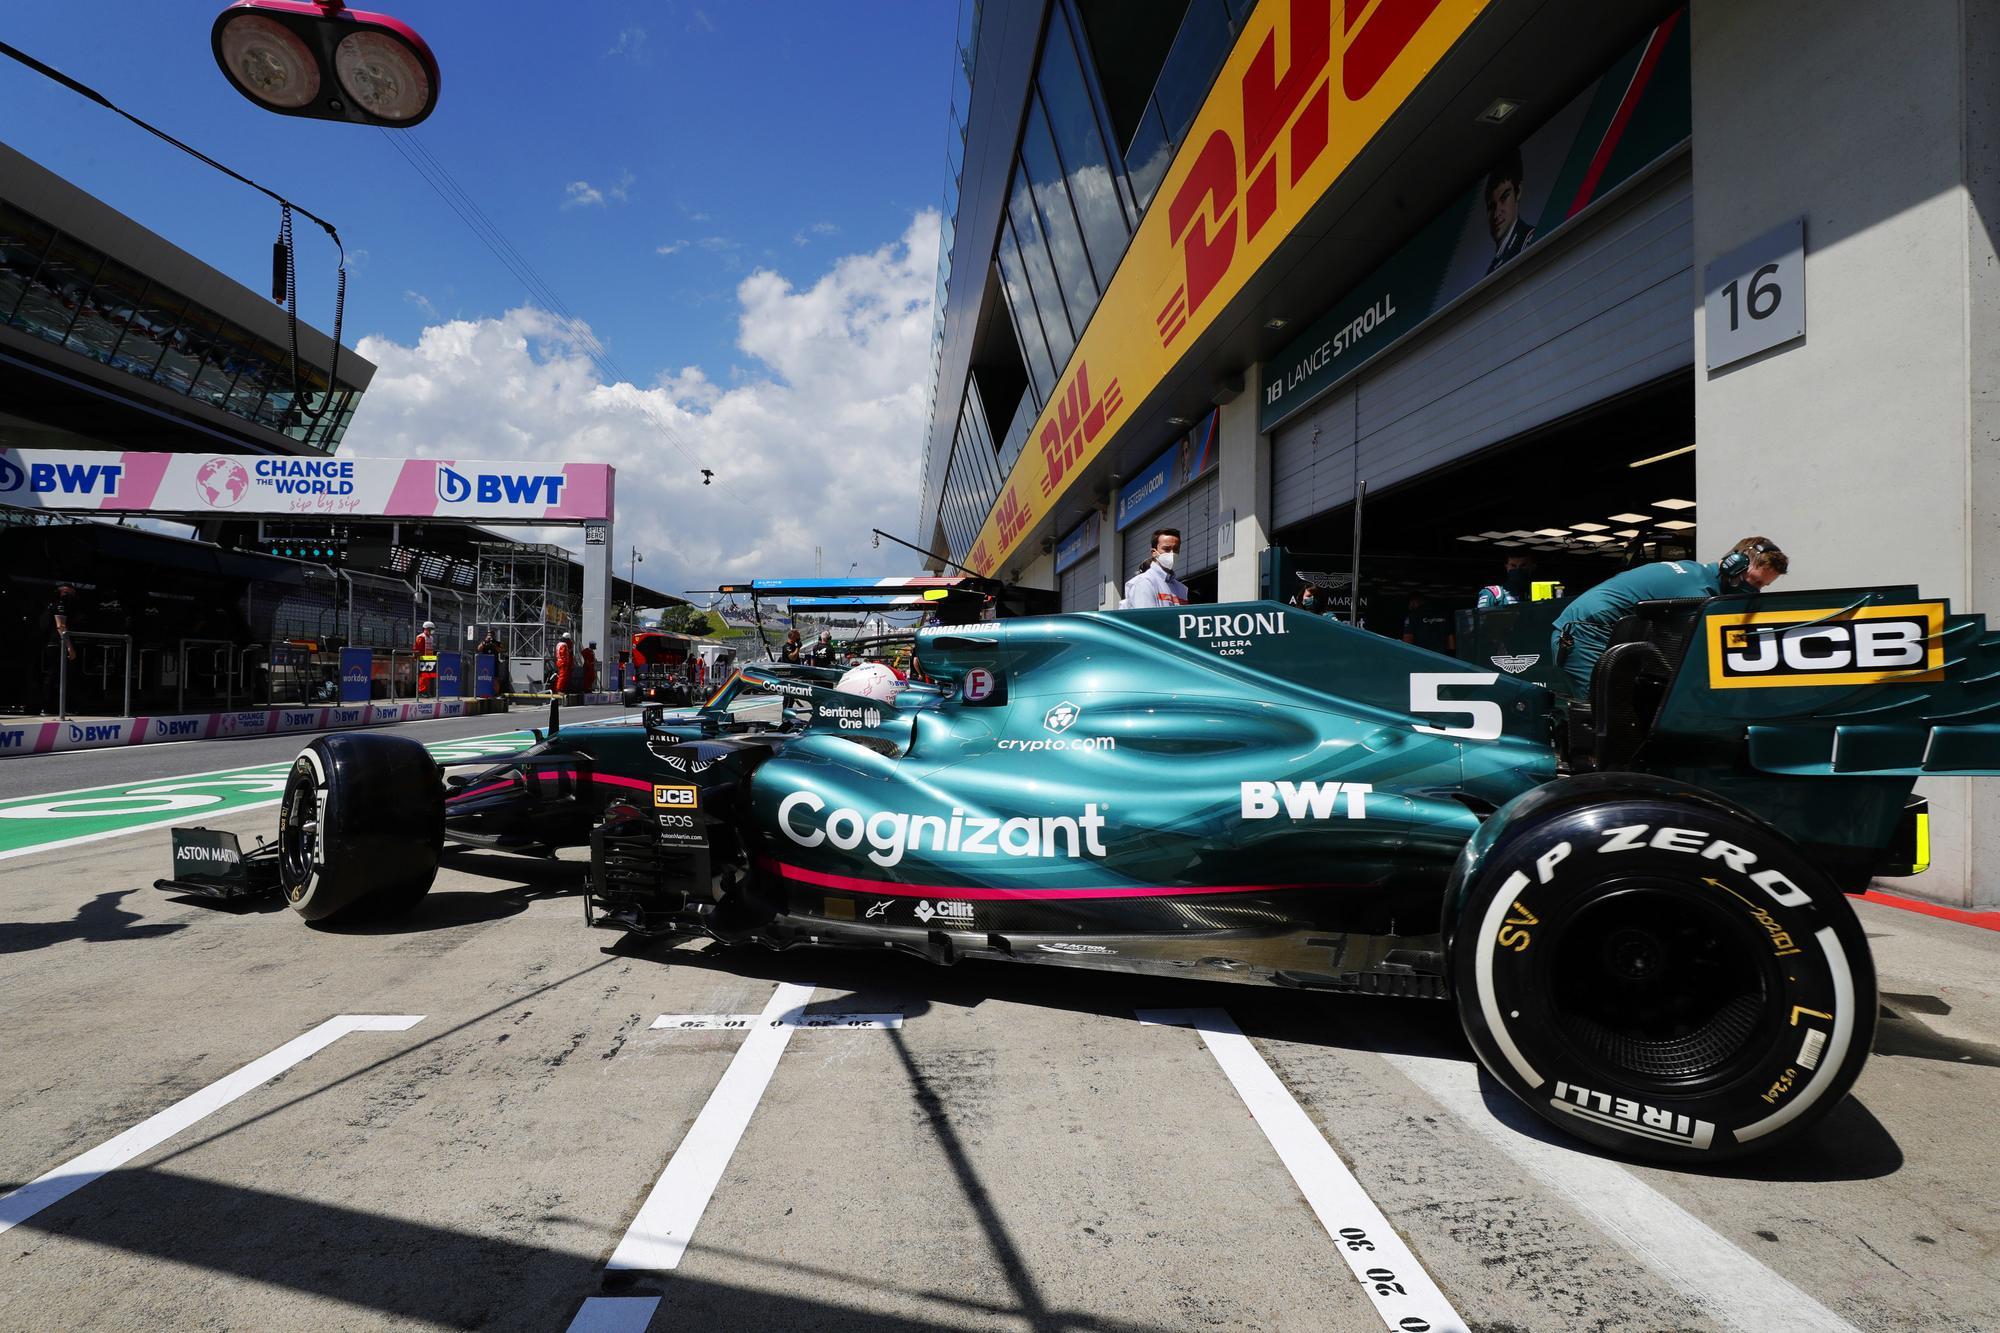 Rózsaszín Aston Martint akarnak látni az F1-ben